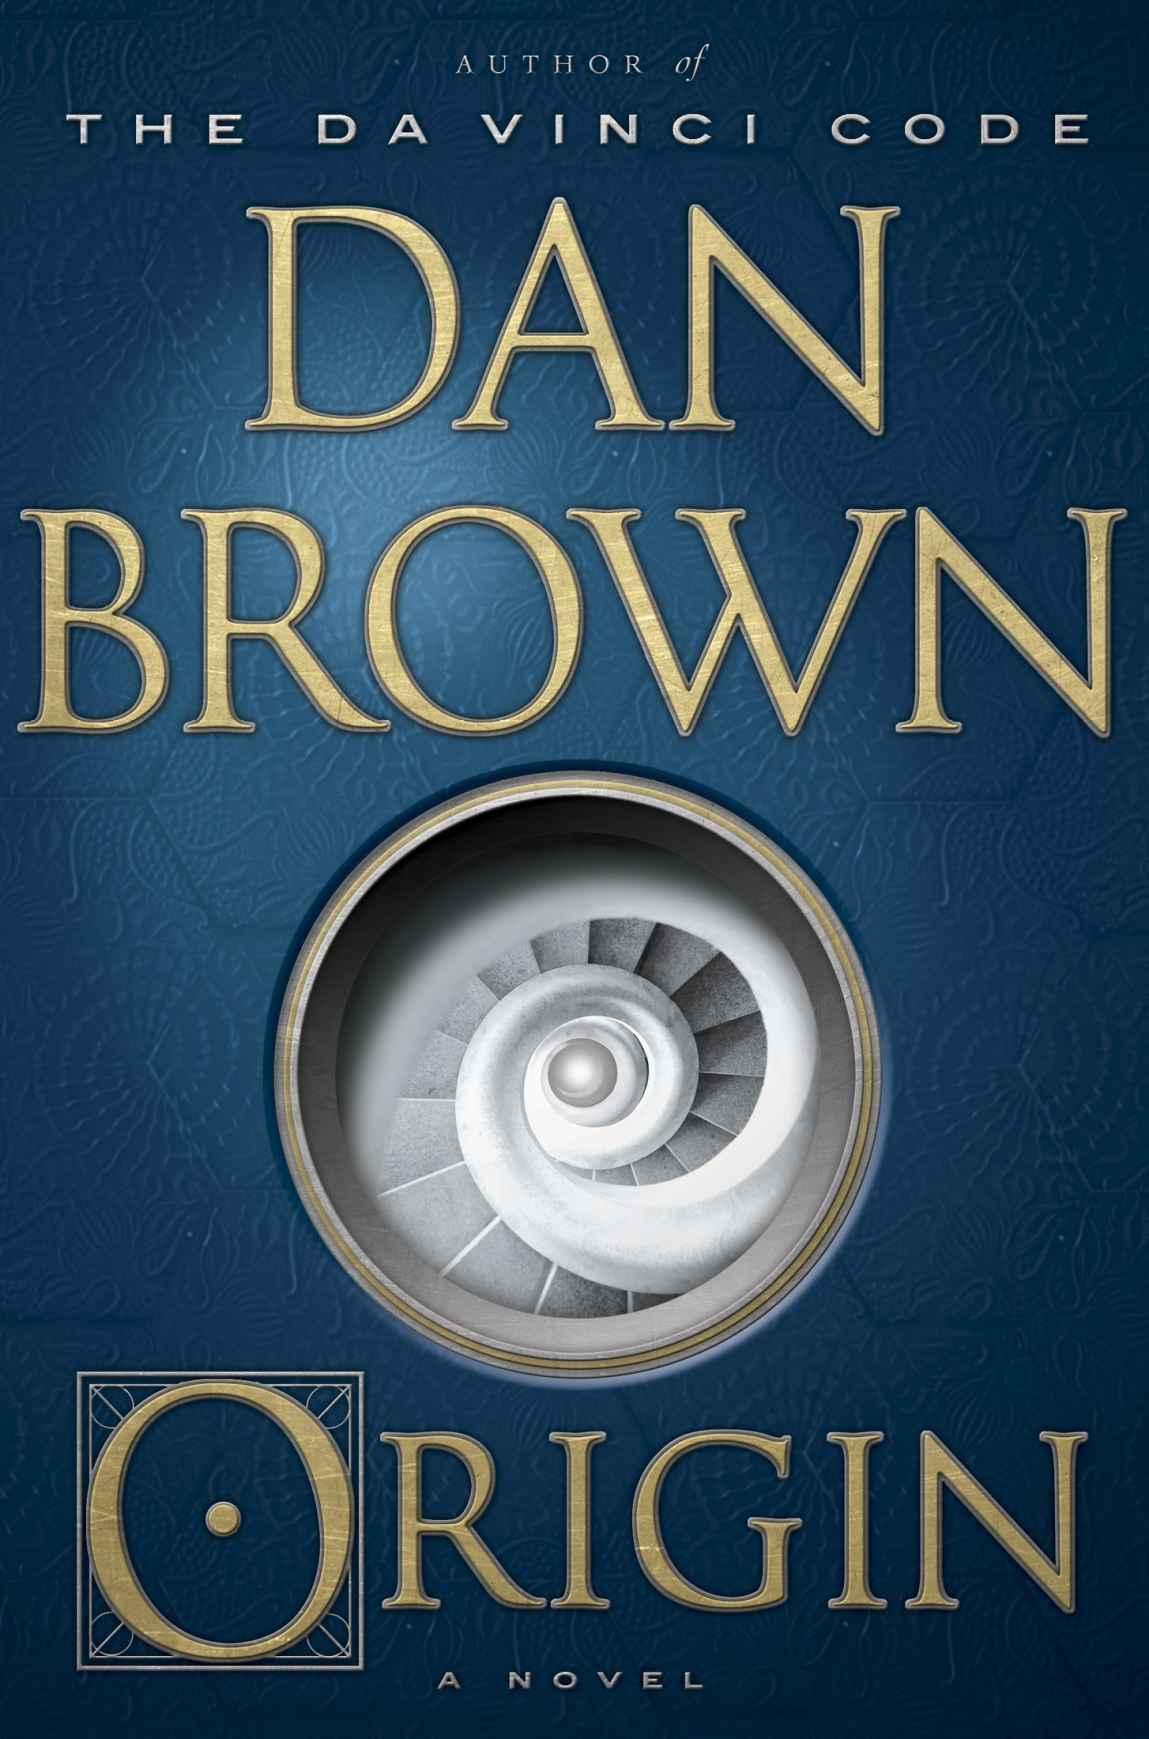 Origin: A Novel - Dan Brown [kindle] [mobi]